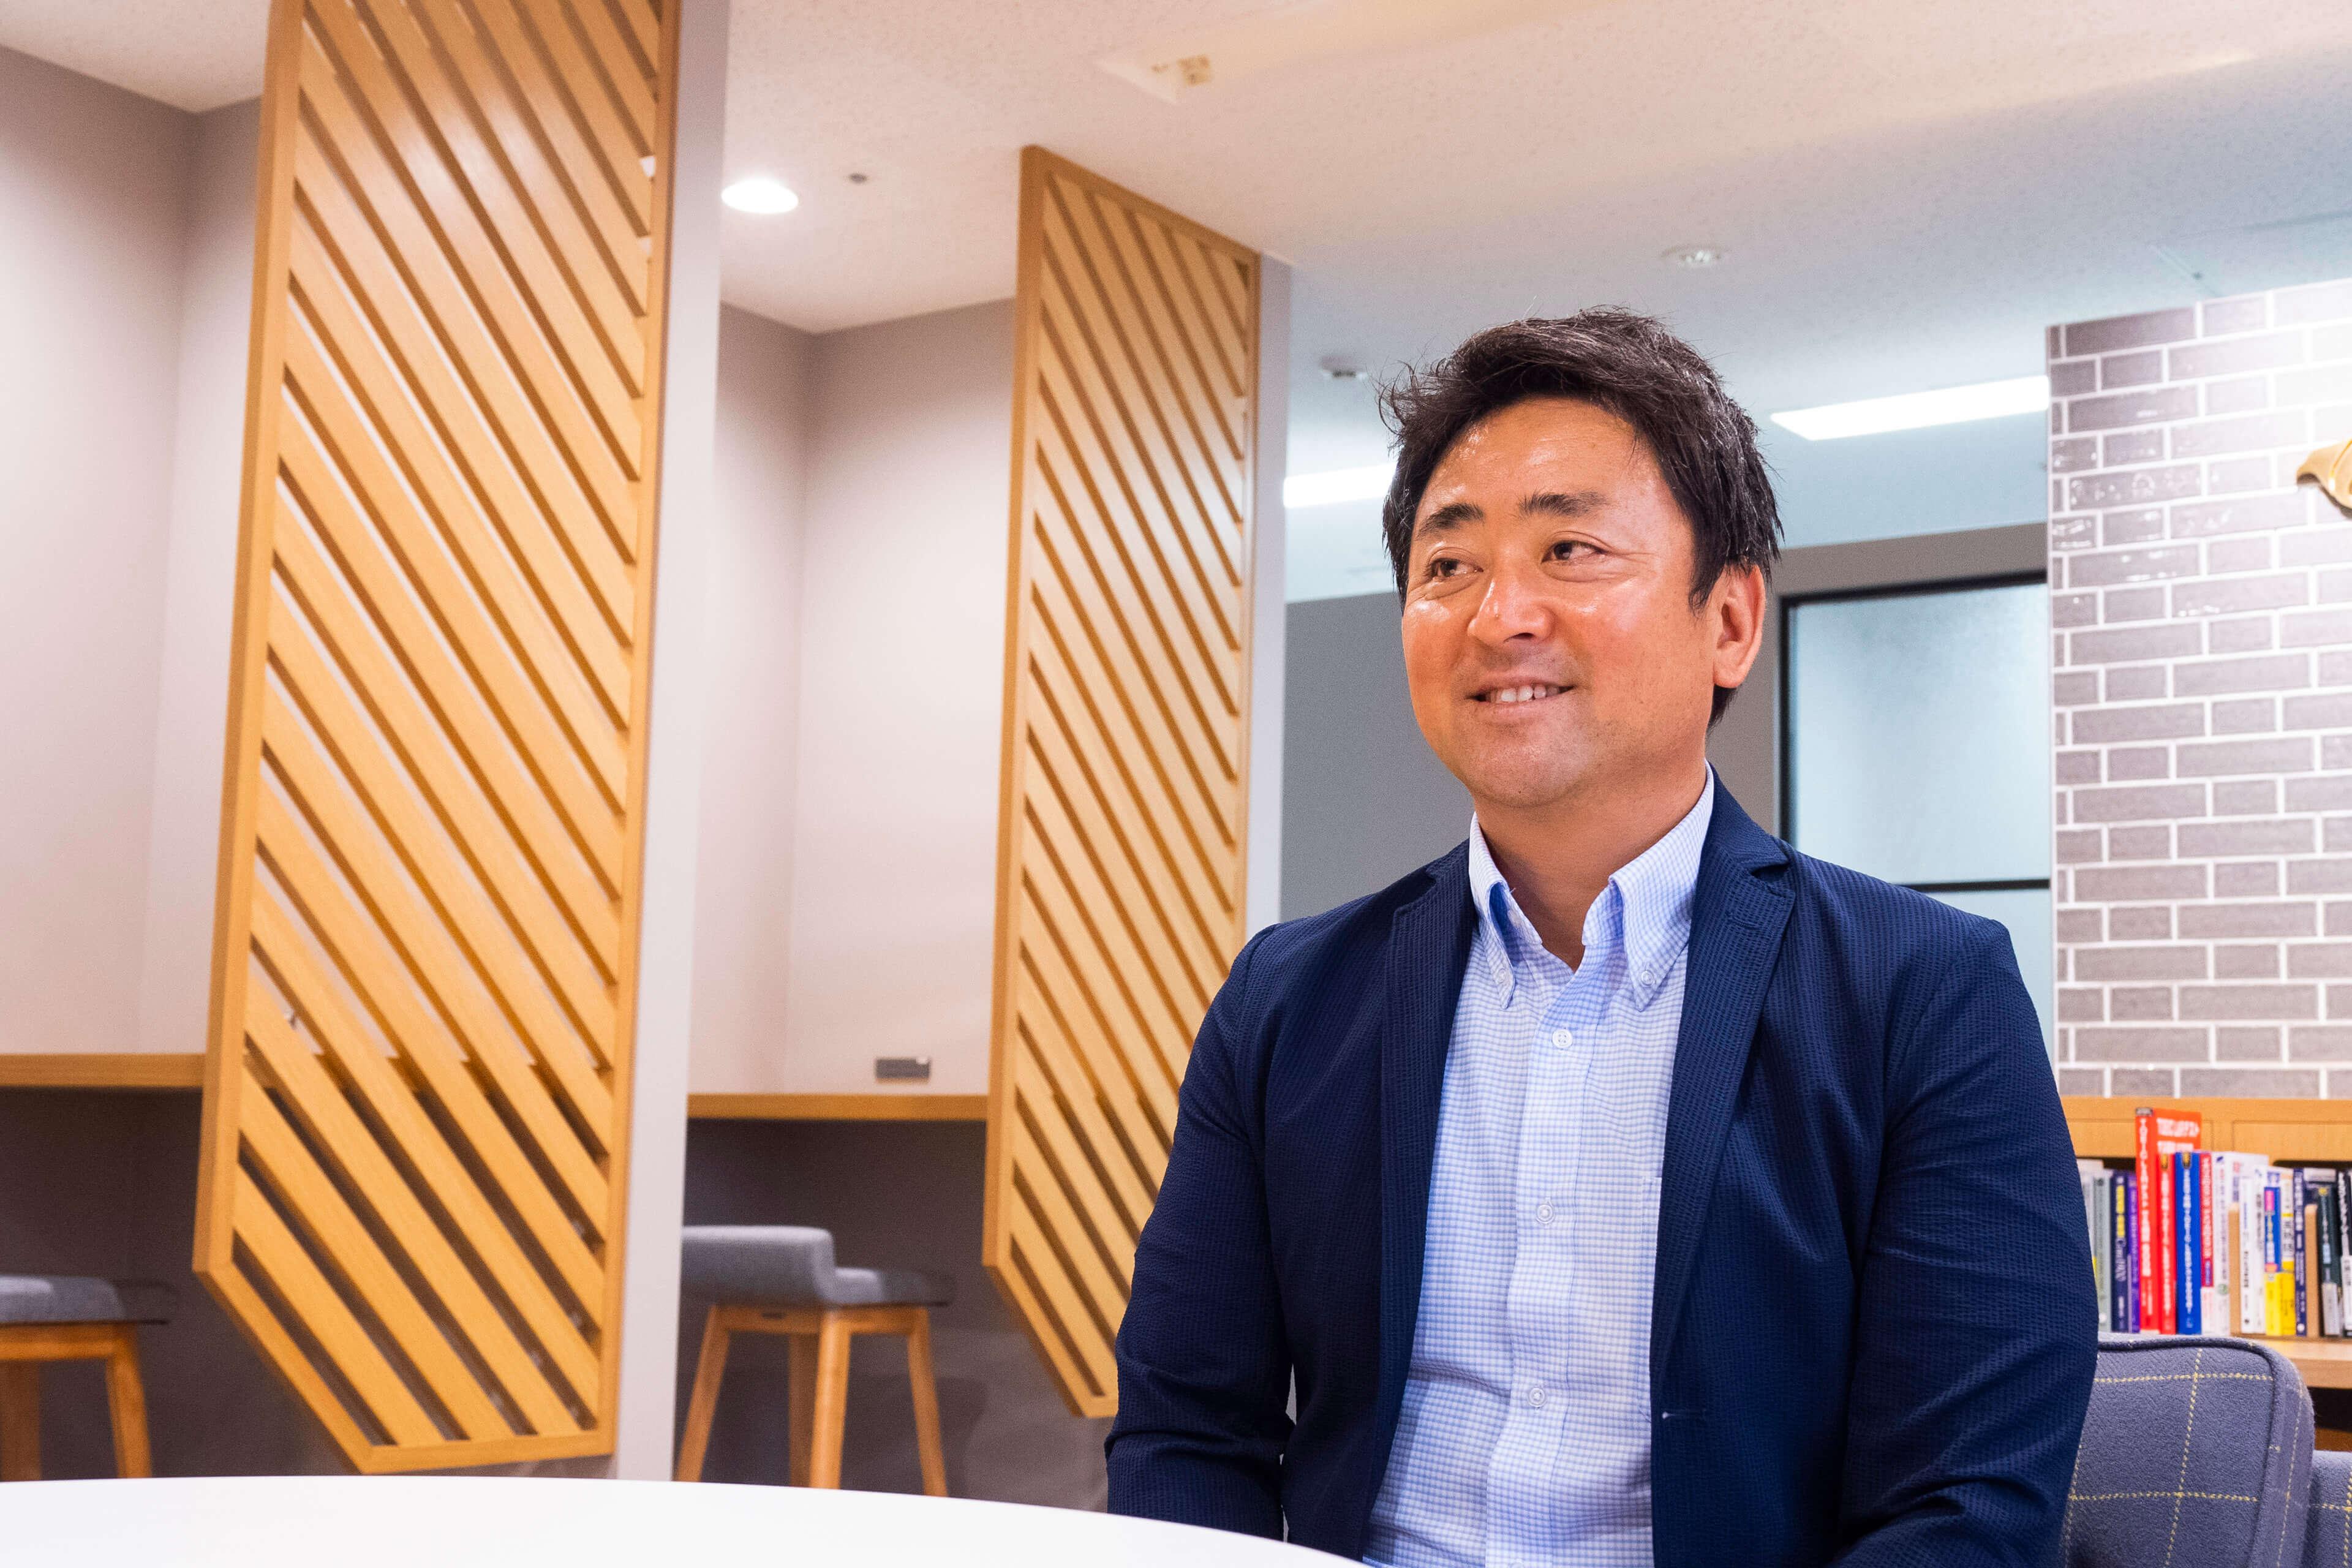 英語コーチング「トライズ」修了生プロキャディ杉澤伸章様 英語でのインタビューに成功